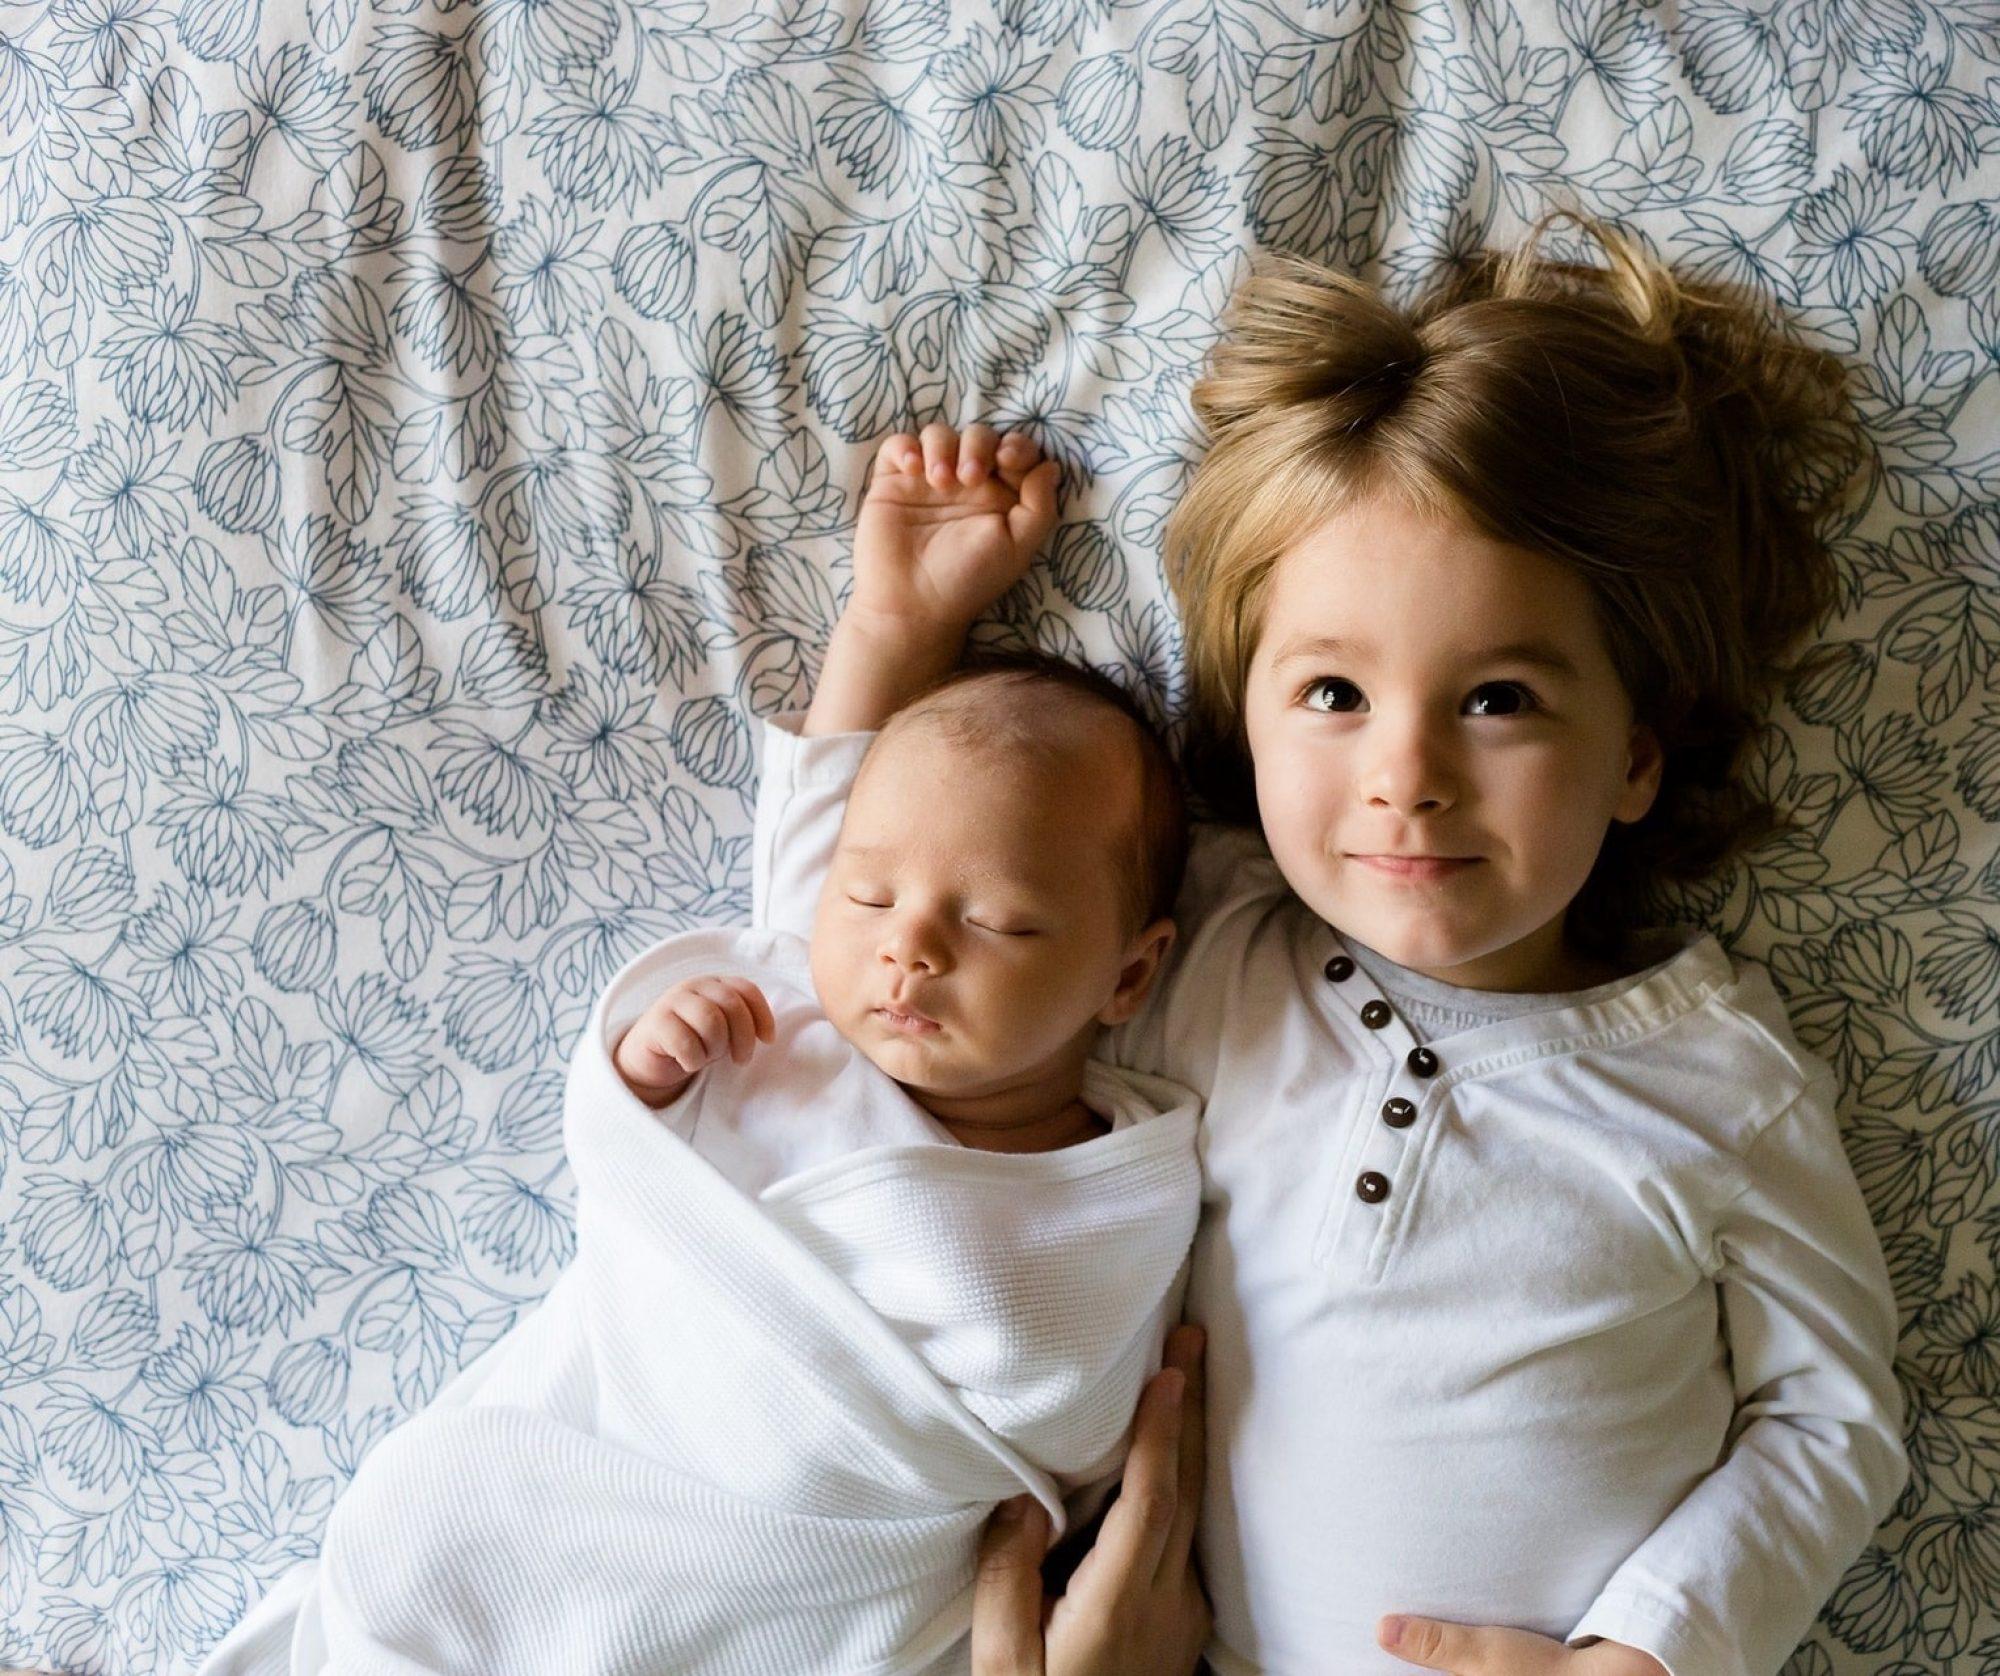 Paediatrica- Ολοκληρωμενη Παιδιατρικη Φροντιδα στη Θεσσαλονικη